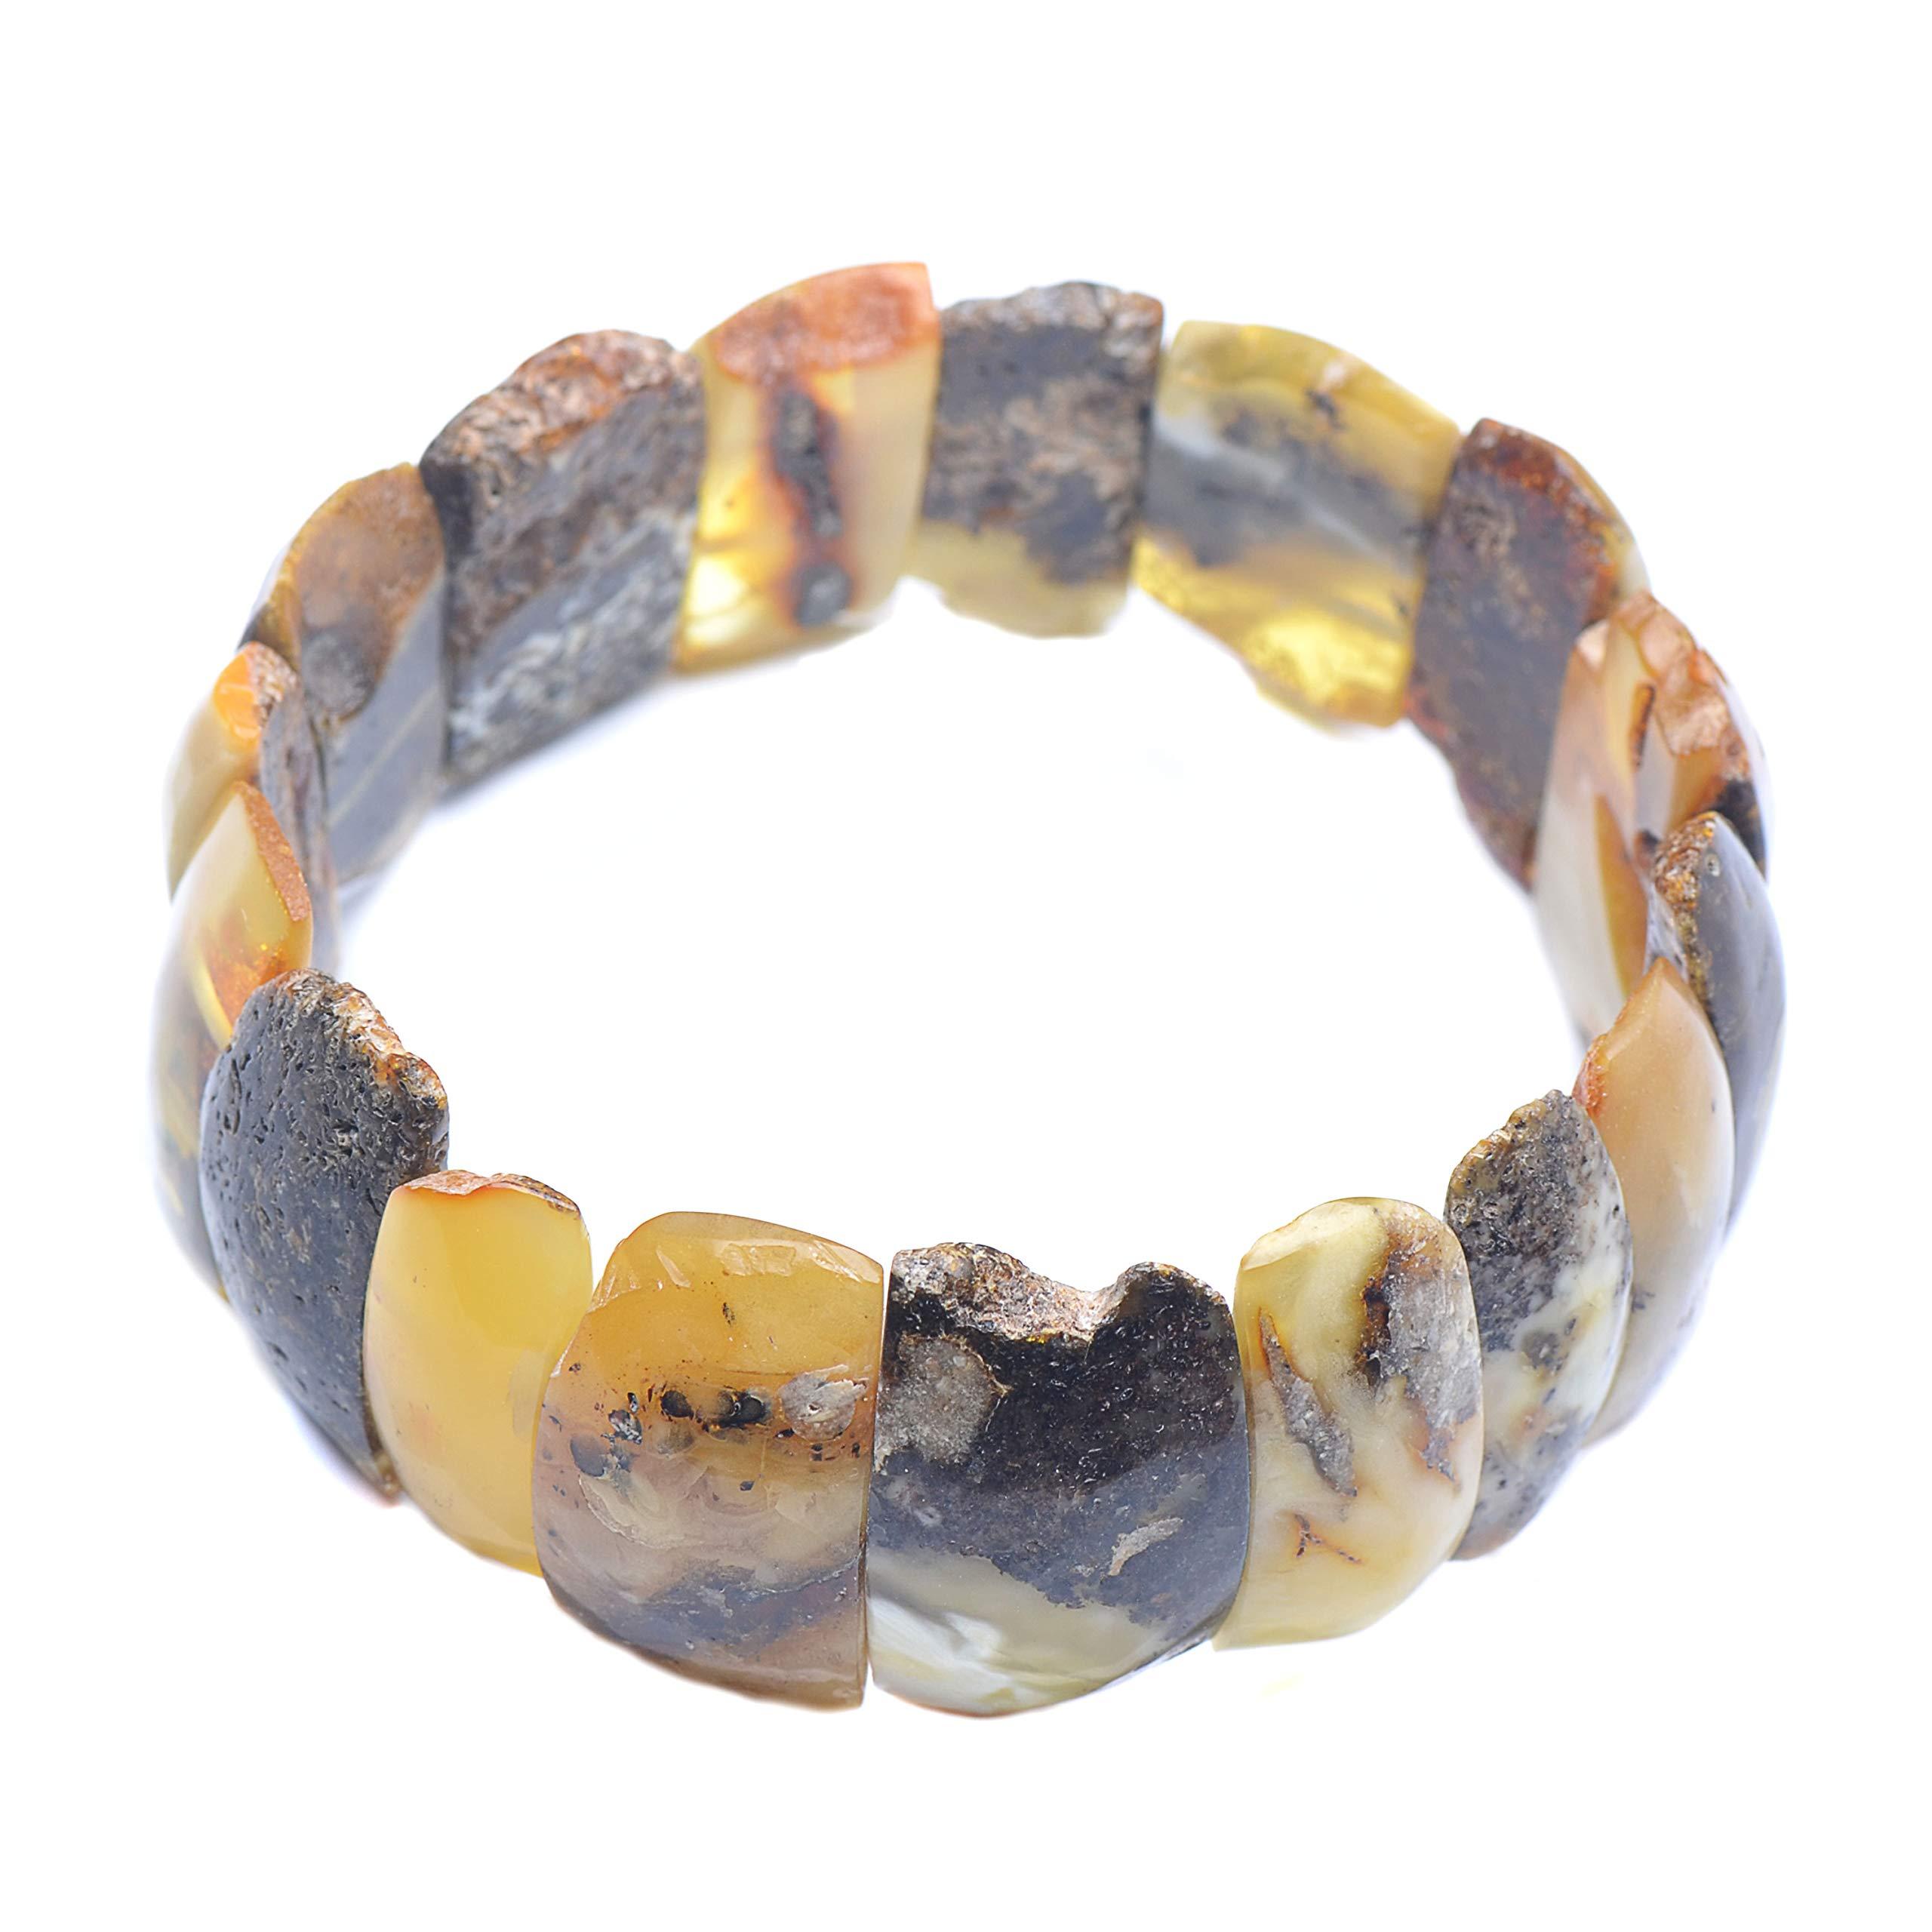 Colorful Amber Bracelet - Vintage Bracelet - Amber Bracelet - Vintage Amber Bracelet - Baltic Amber Bracelet by Genuine Amber (Image #5)